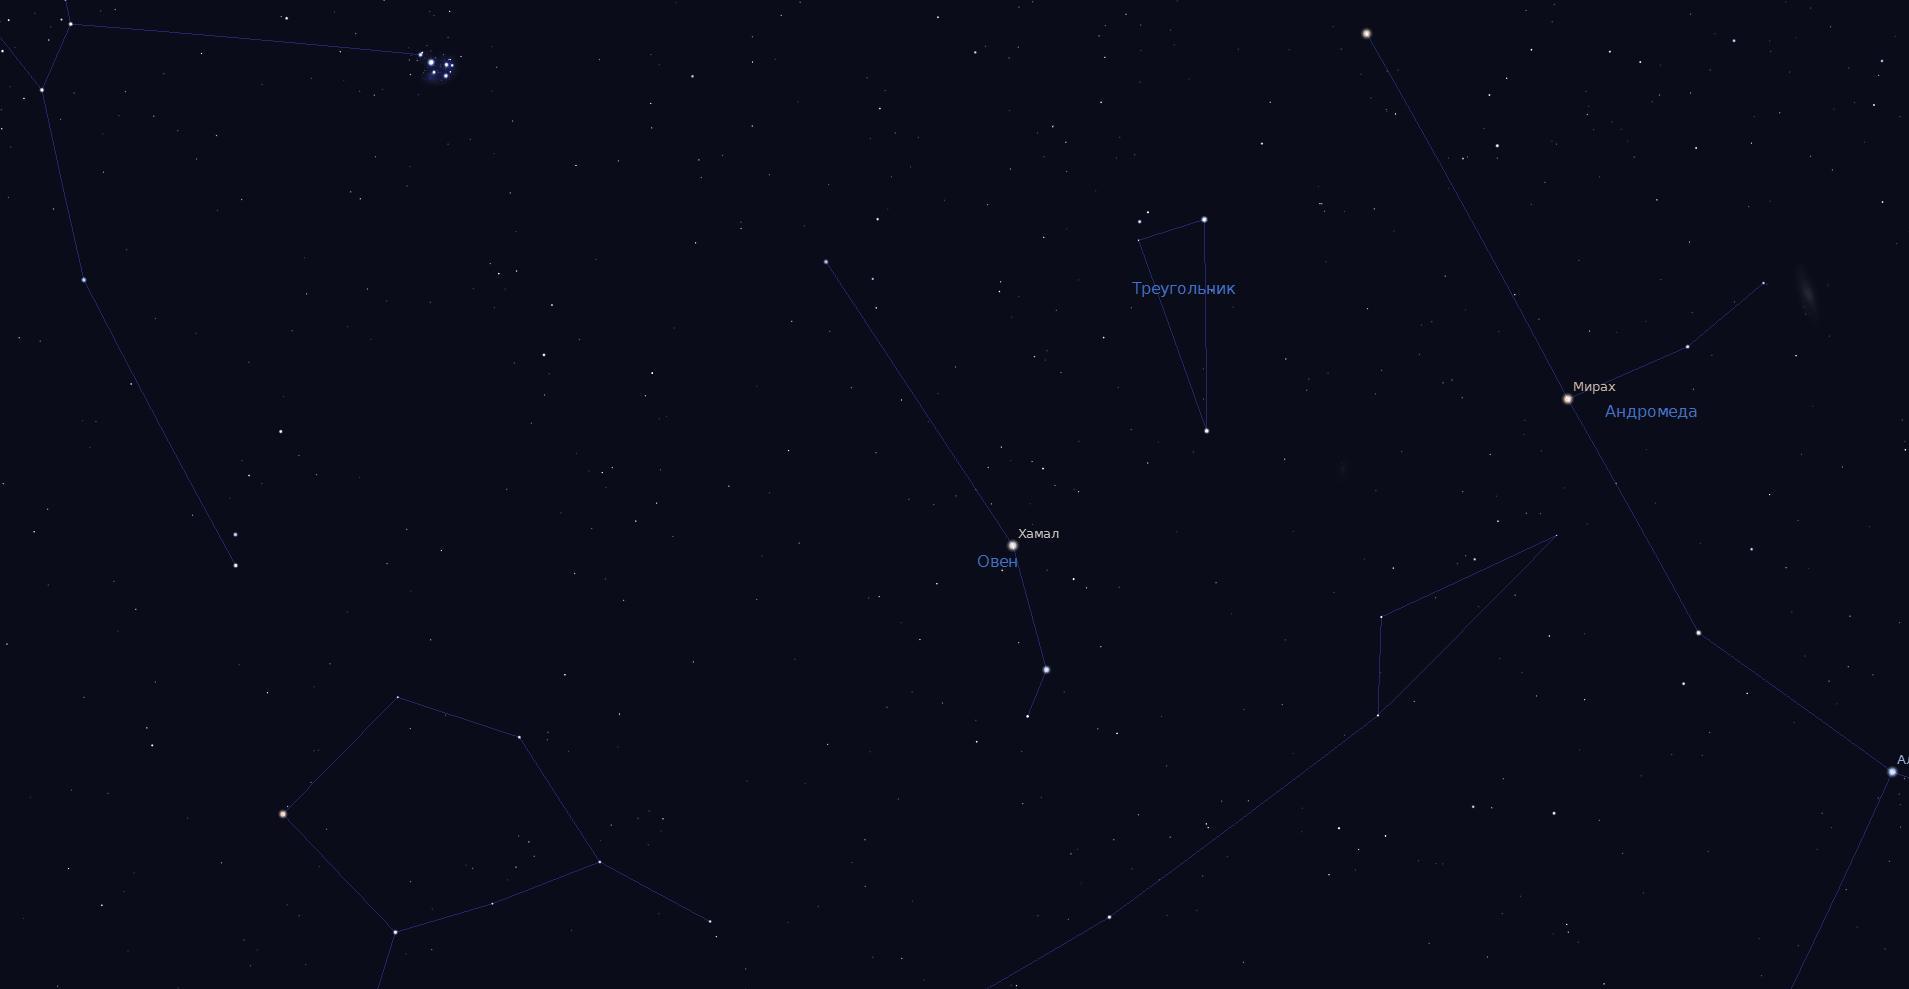 Скриншот из Stellarium